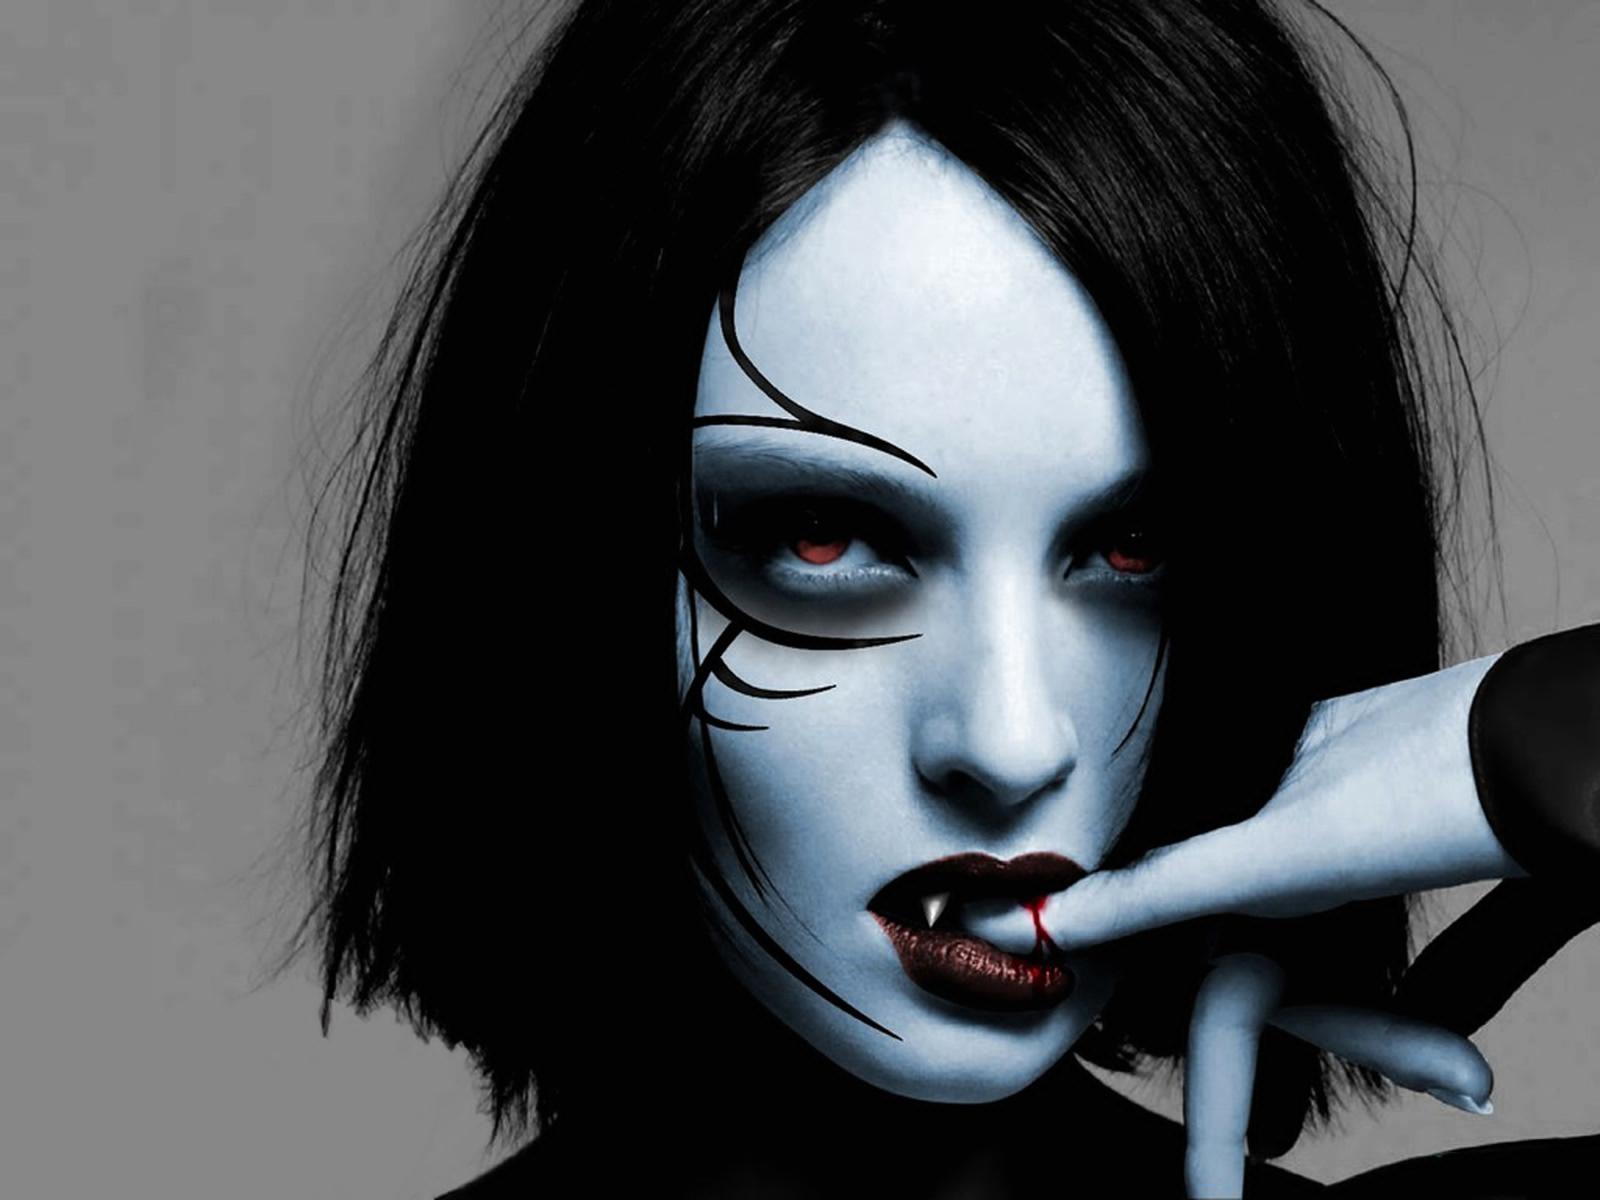 After Dark vampire